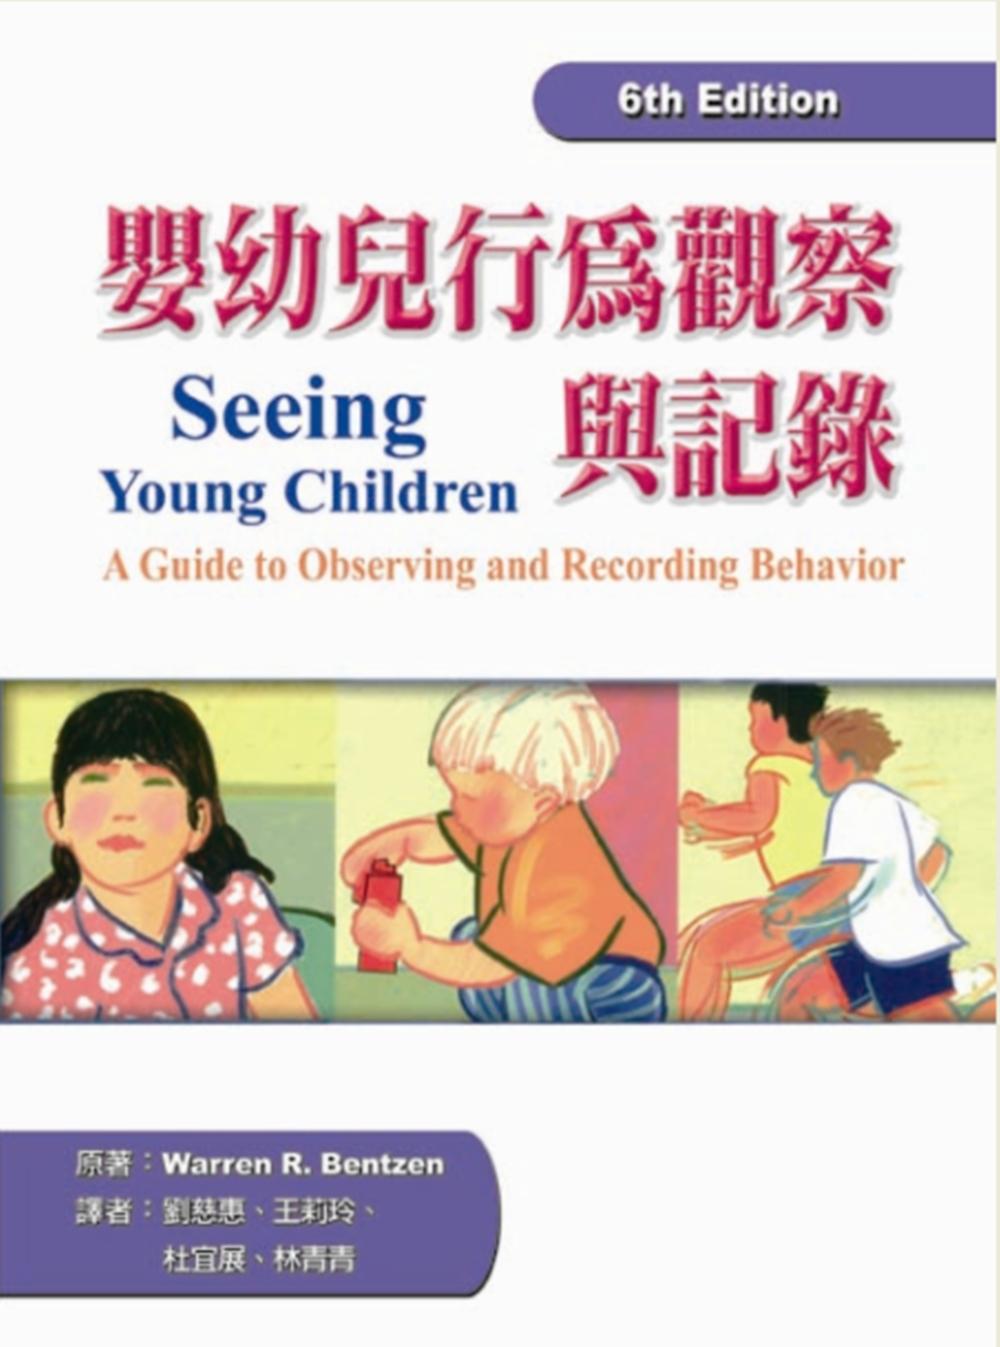 嬰幼兒行為觀察與紀錄(二版)